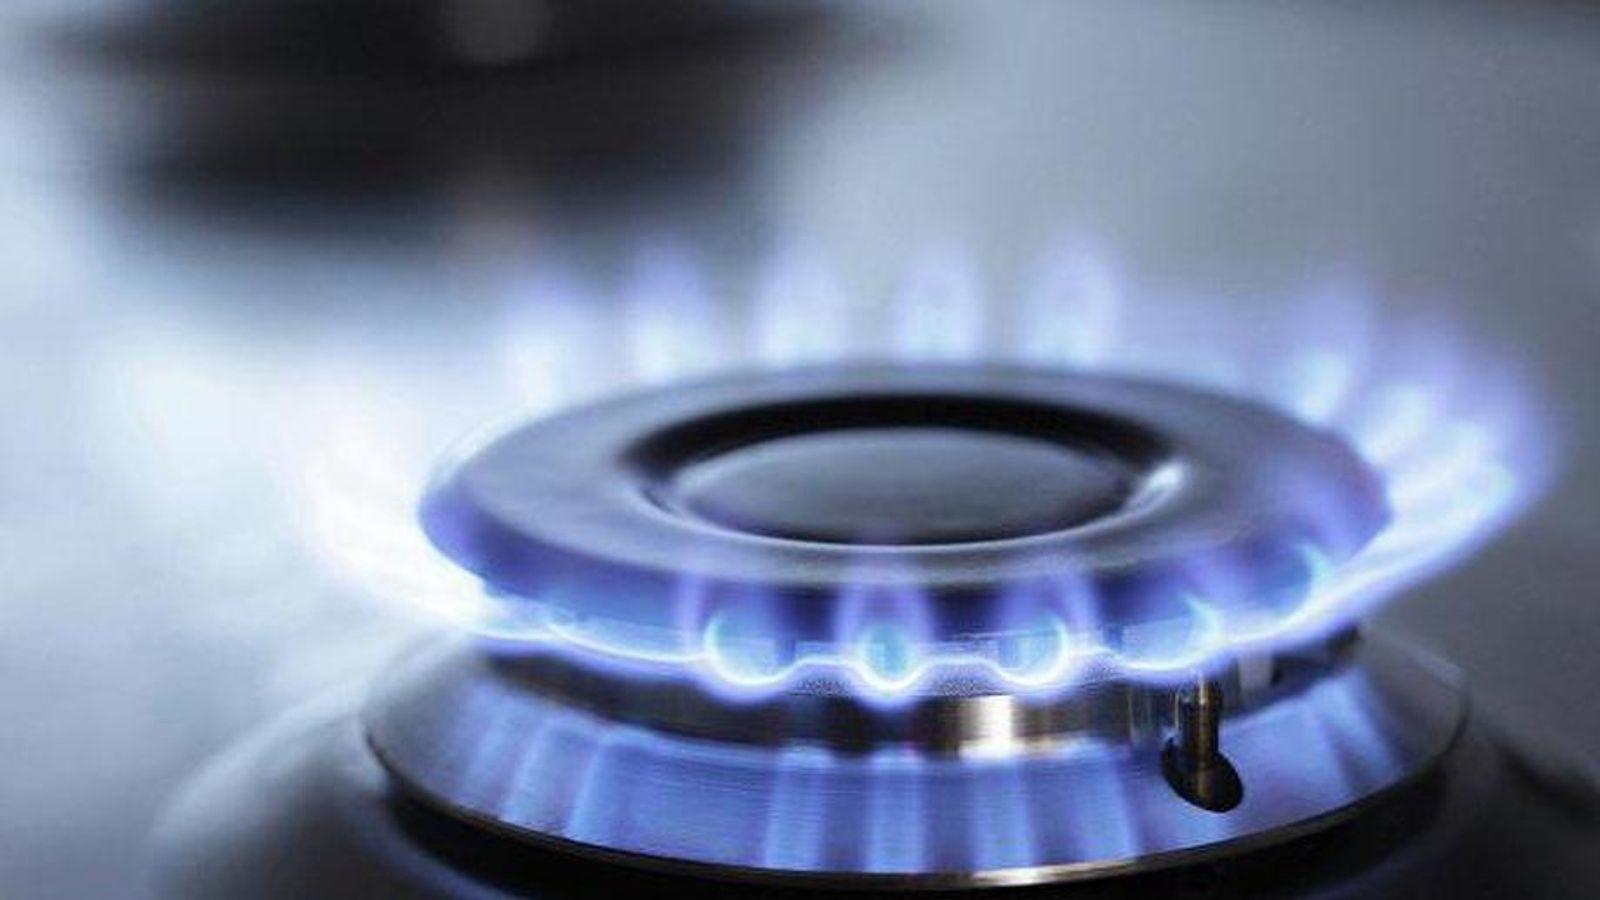 Какое вещество добавляют в газ для запаха? - утилизация и переработка отходов производства